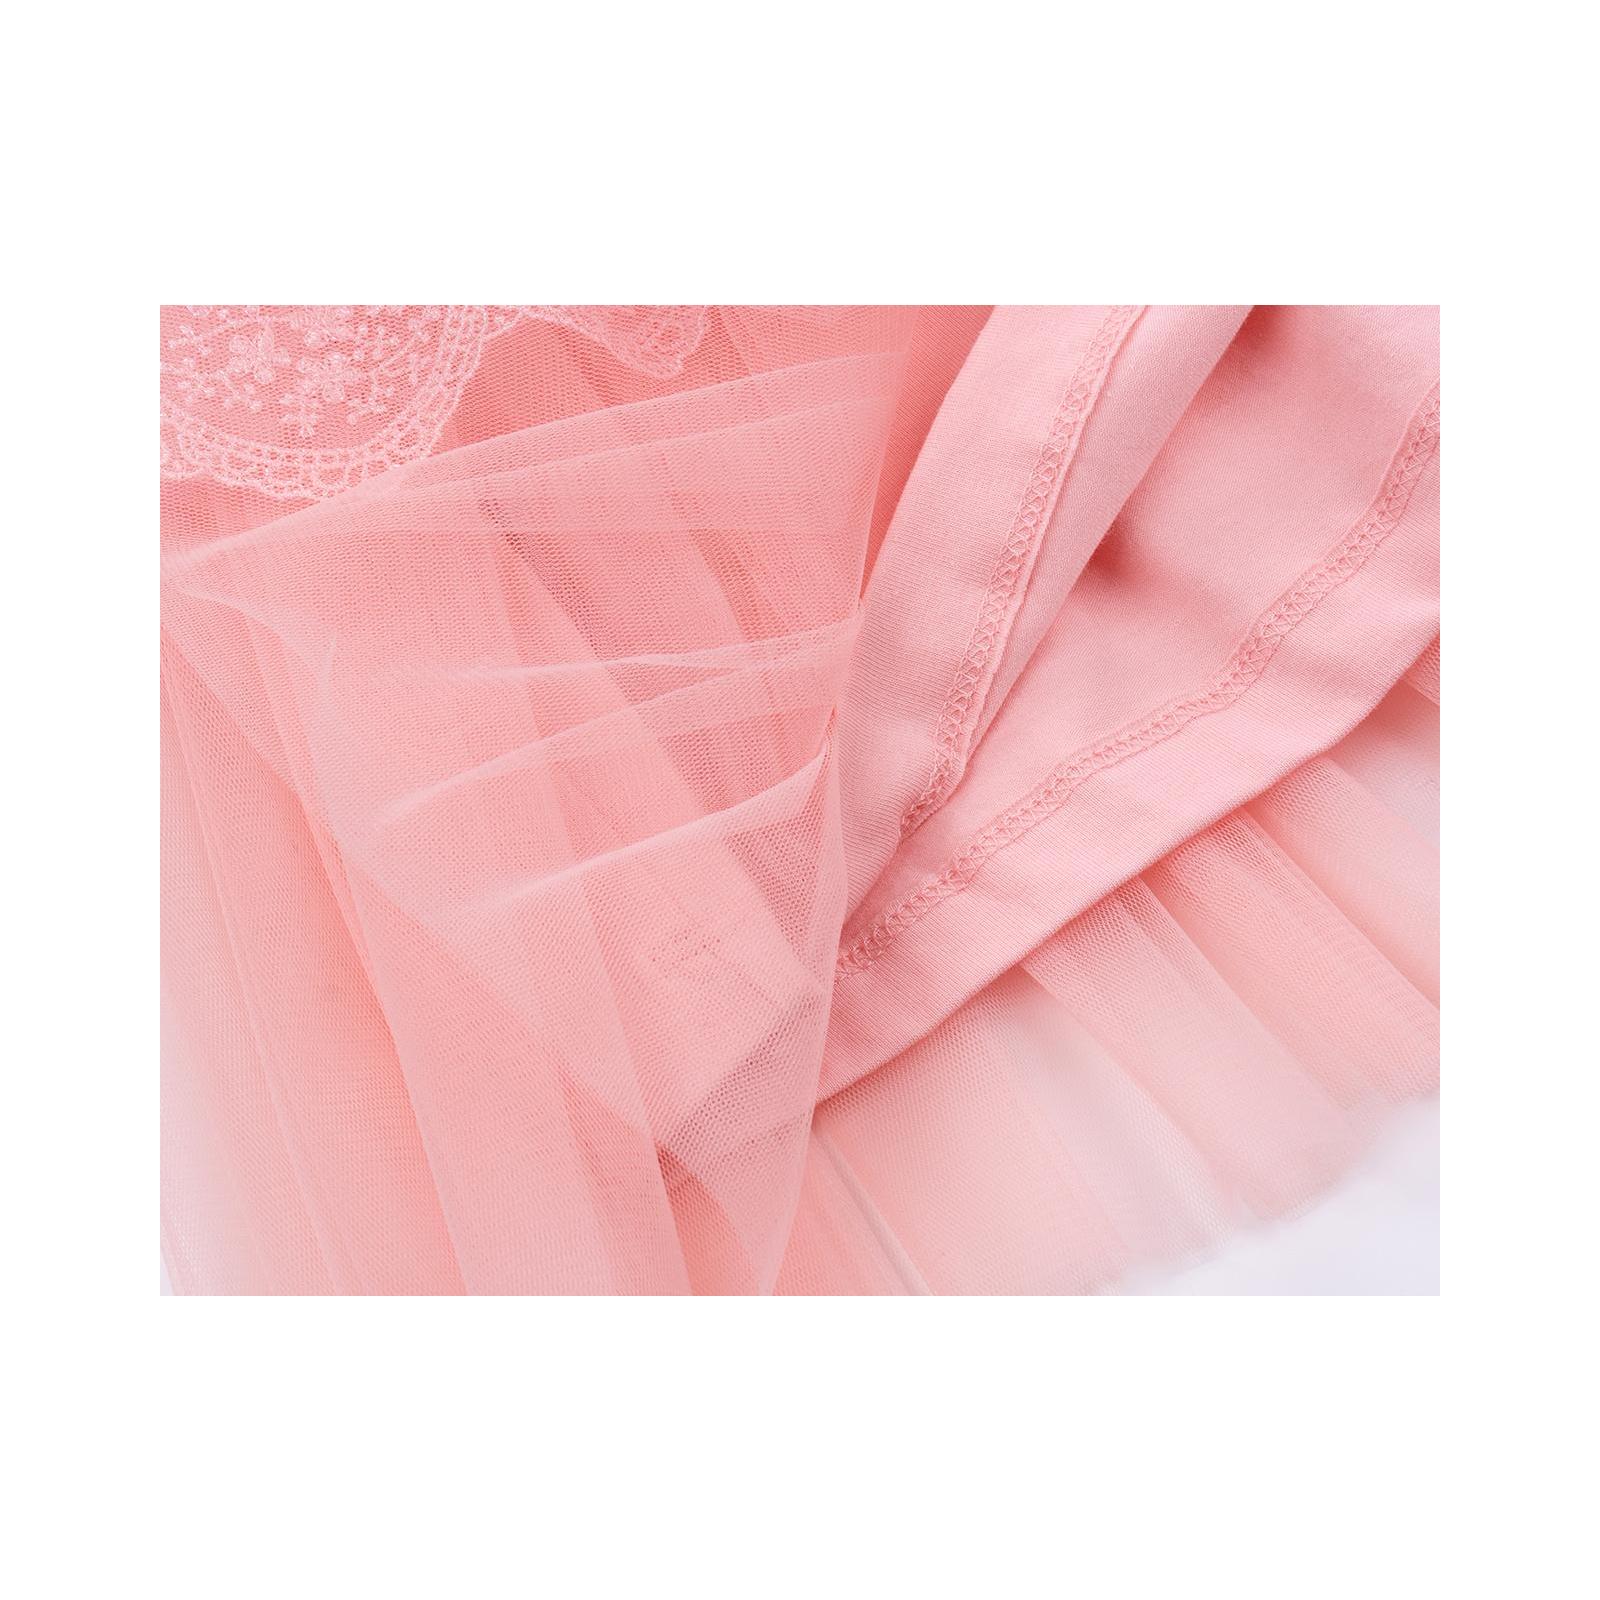 Платье Breeze кружевное с оборками (9011-86G-cream) изображение 5